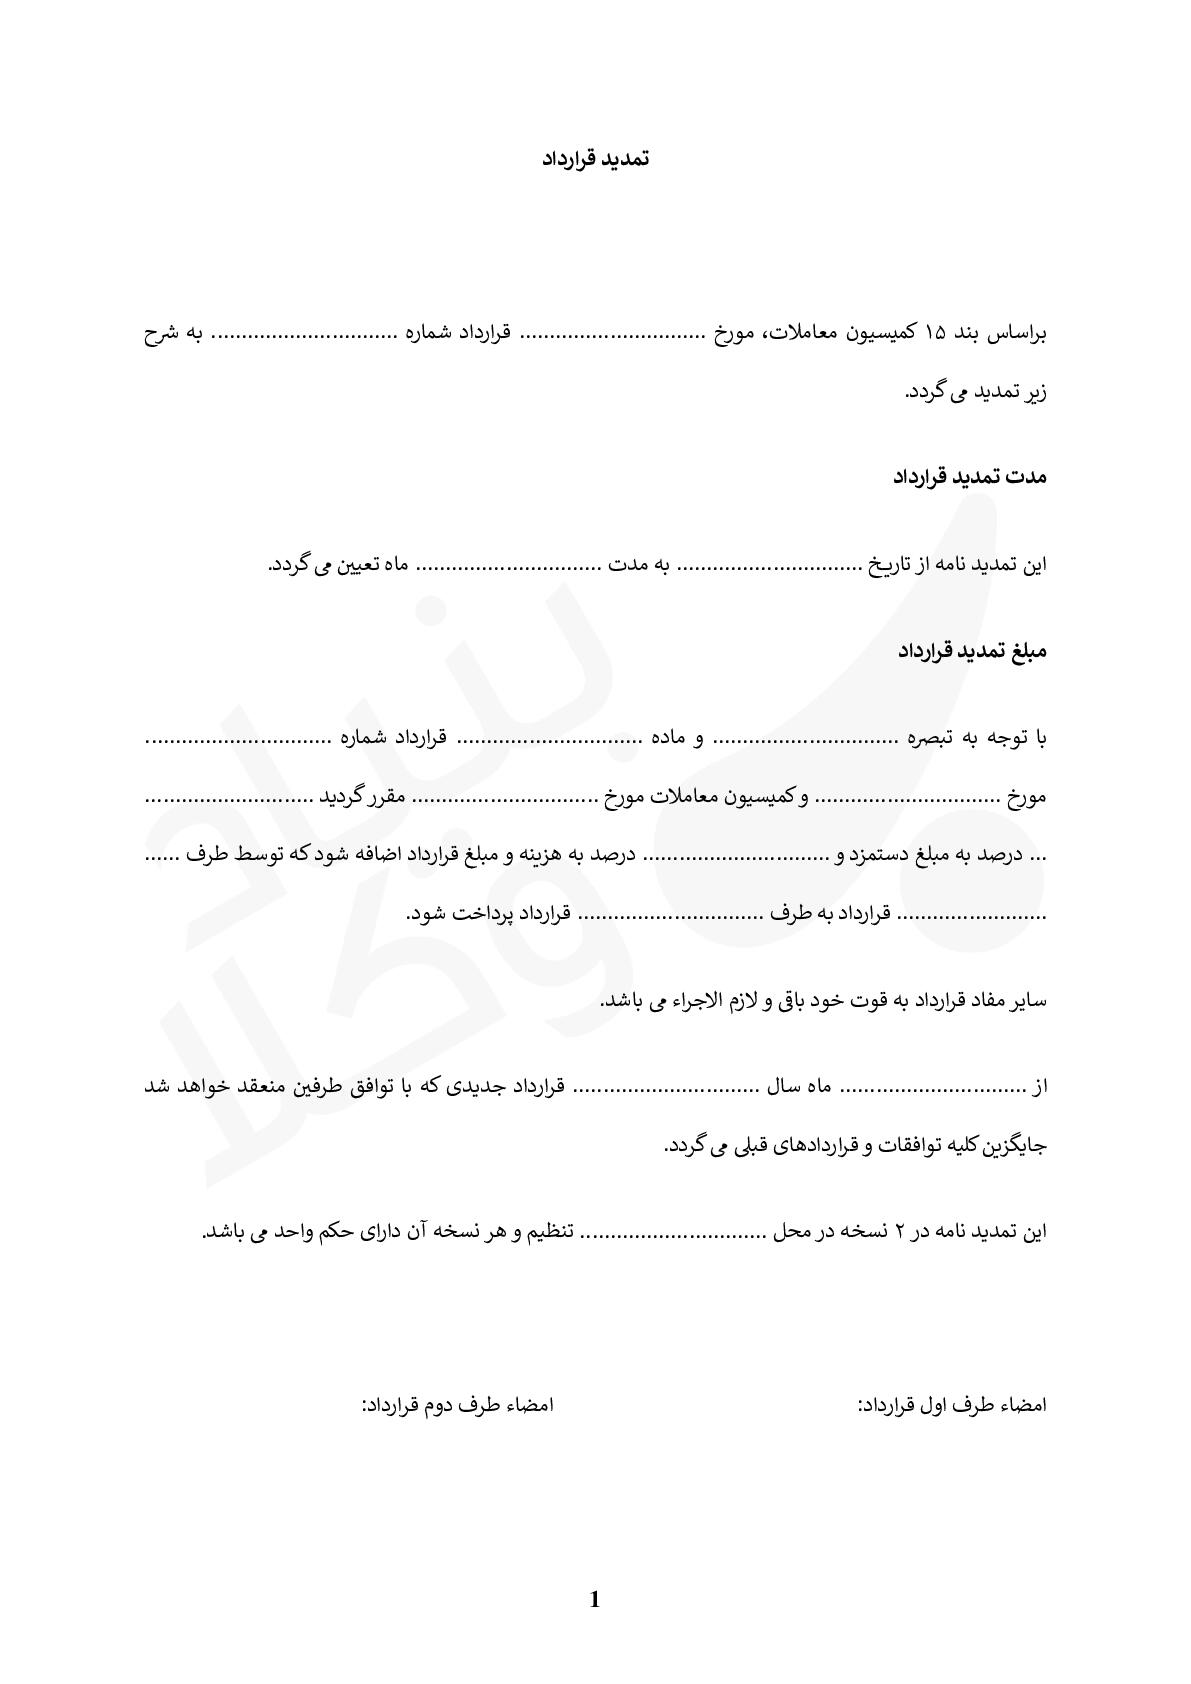 تمدید قرارداد